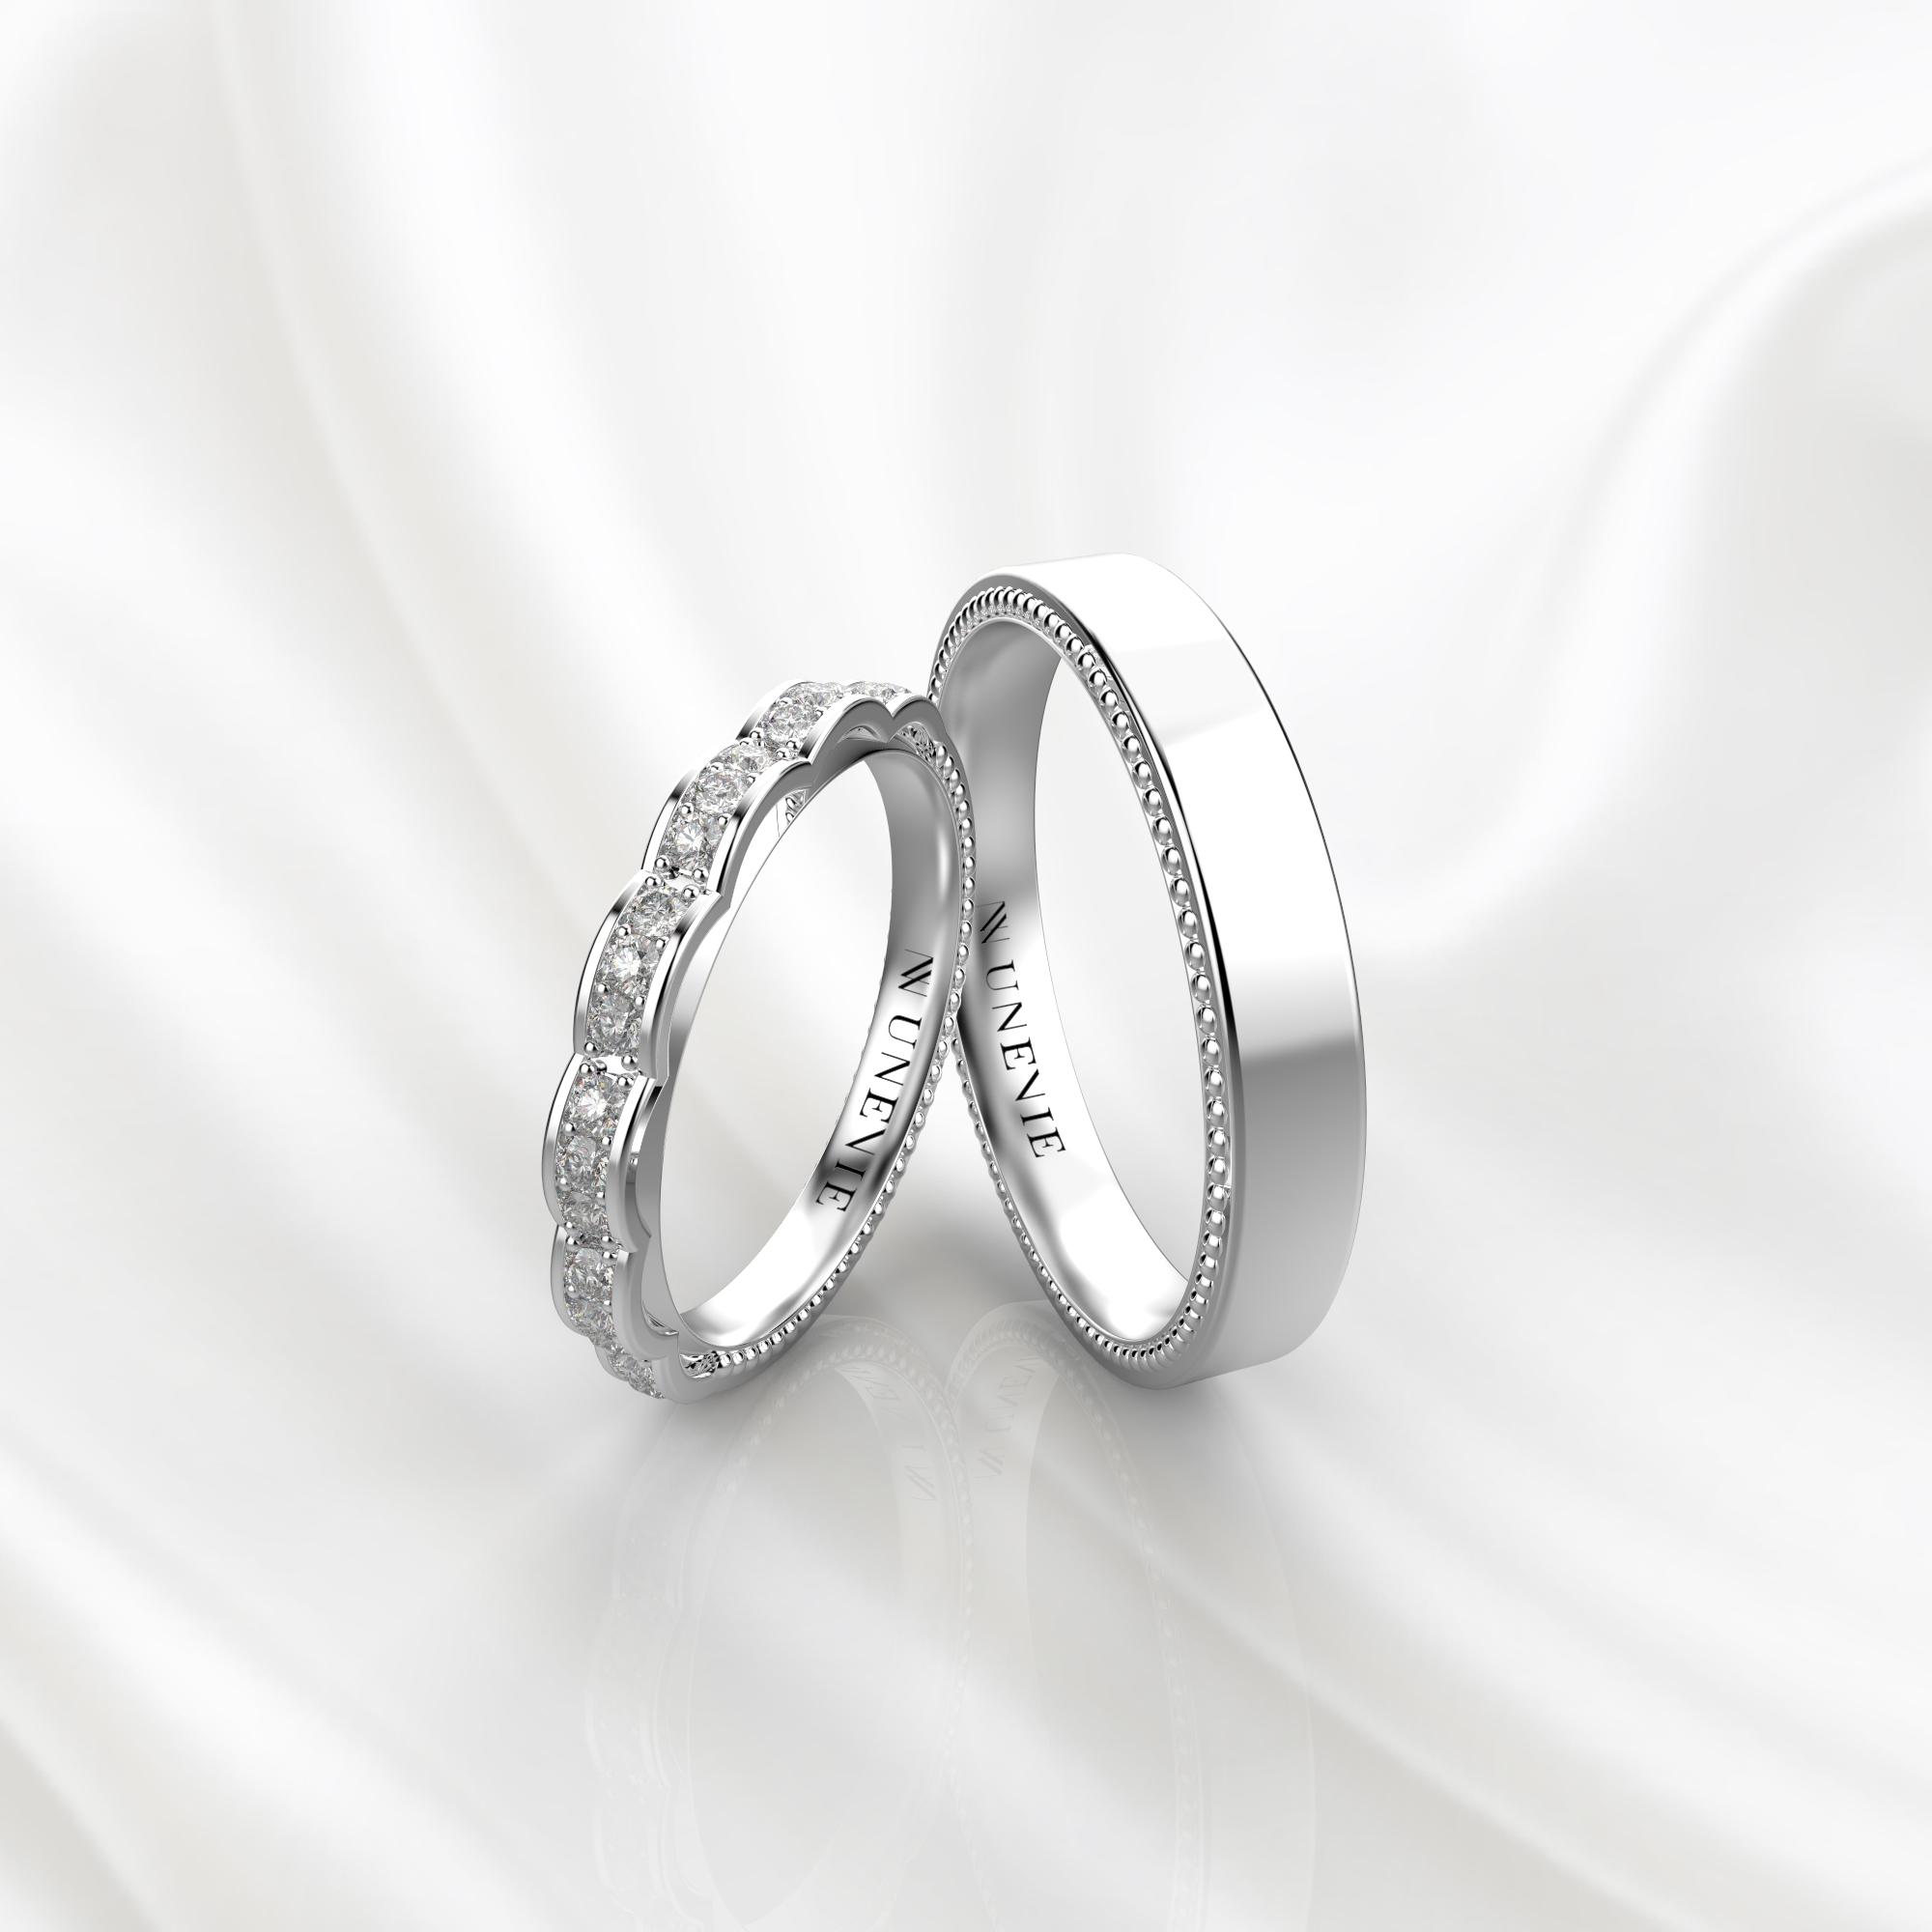 NV60 Парные обручальные кольца из белого золота с бриллиантами